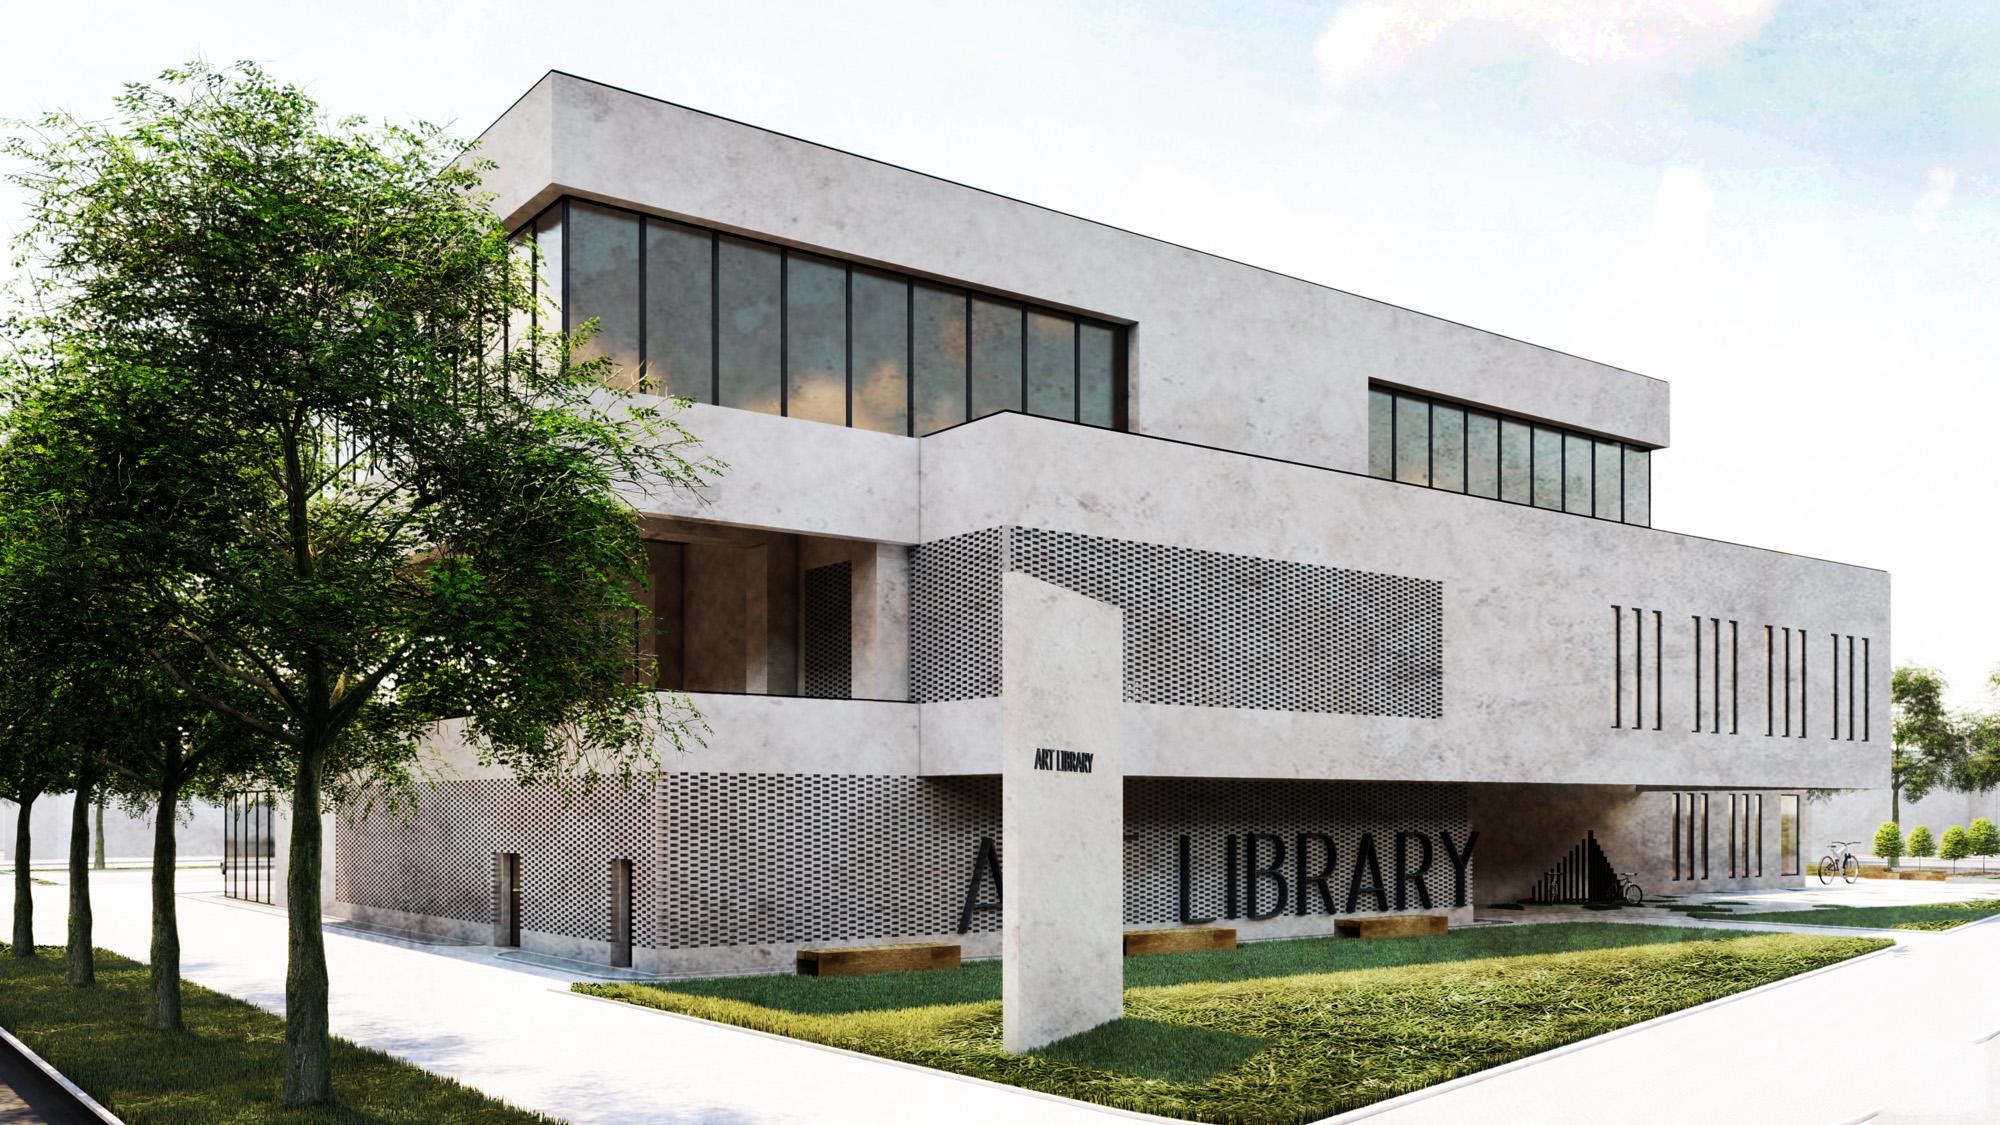 Biblioteki Publicznej w Toruniu